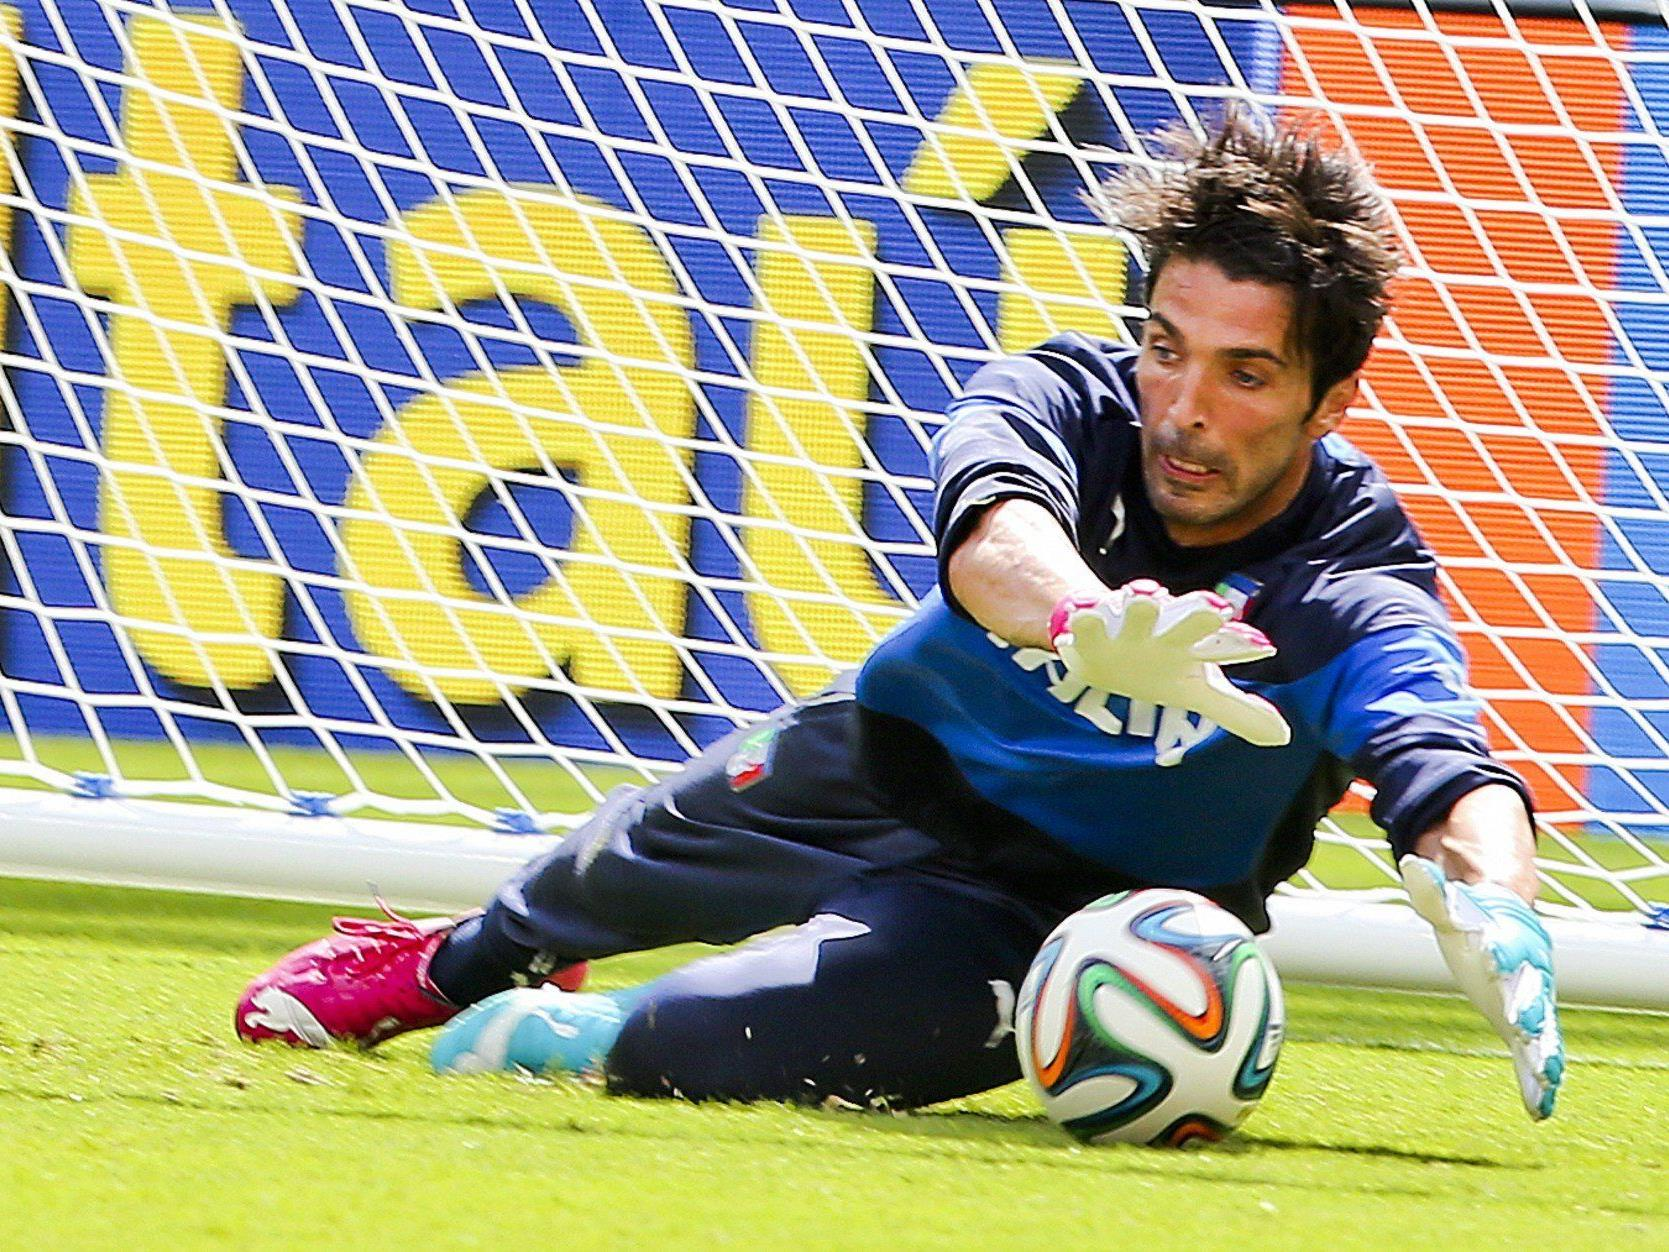 Italien hofft auf einen Einsatz von Star-Torhüter Buffon schon gegen Costa Rica.